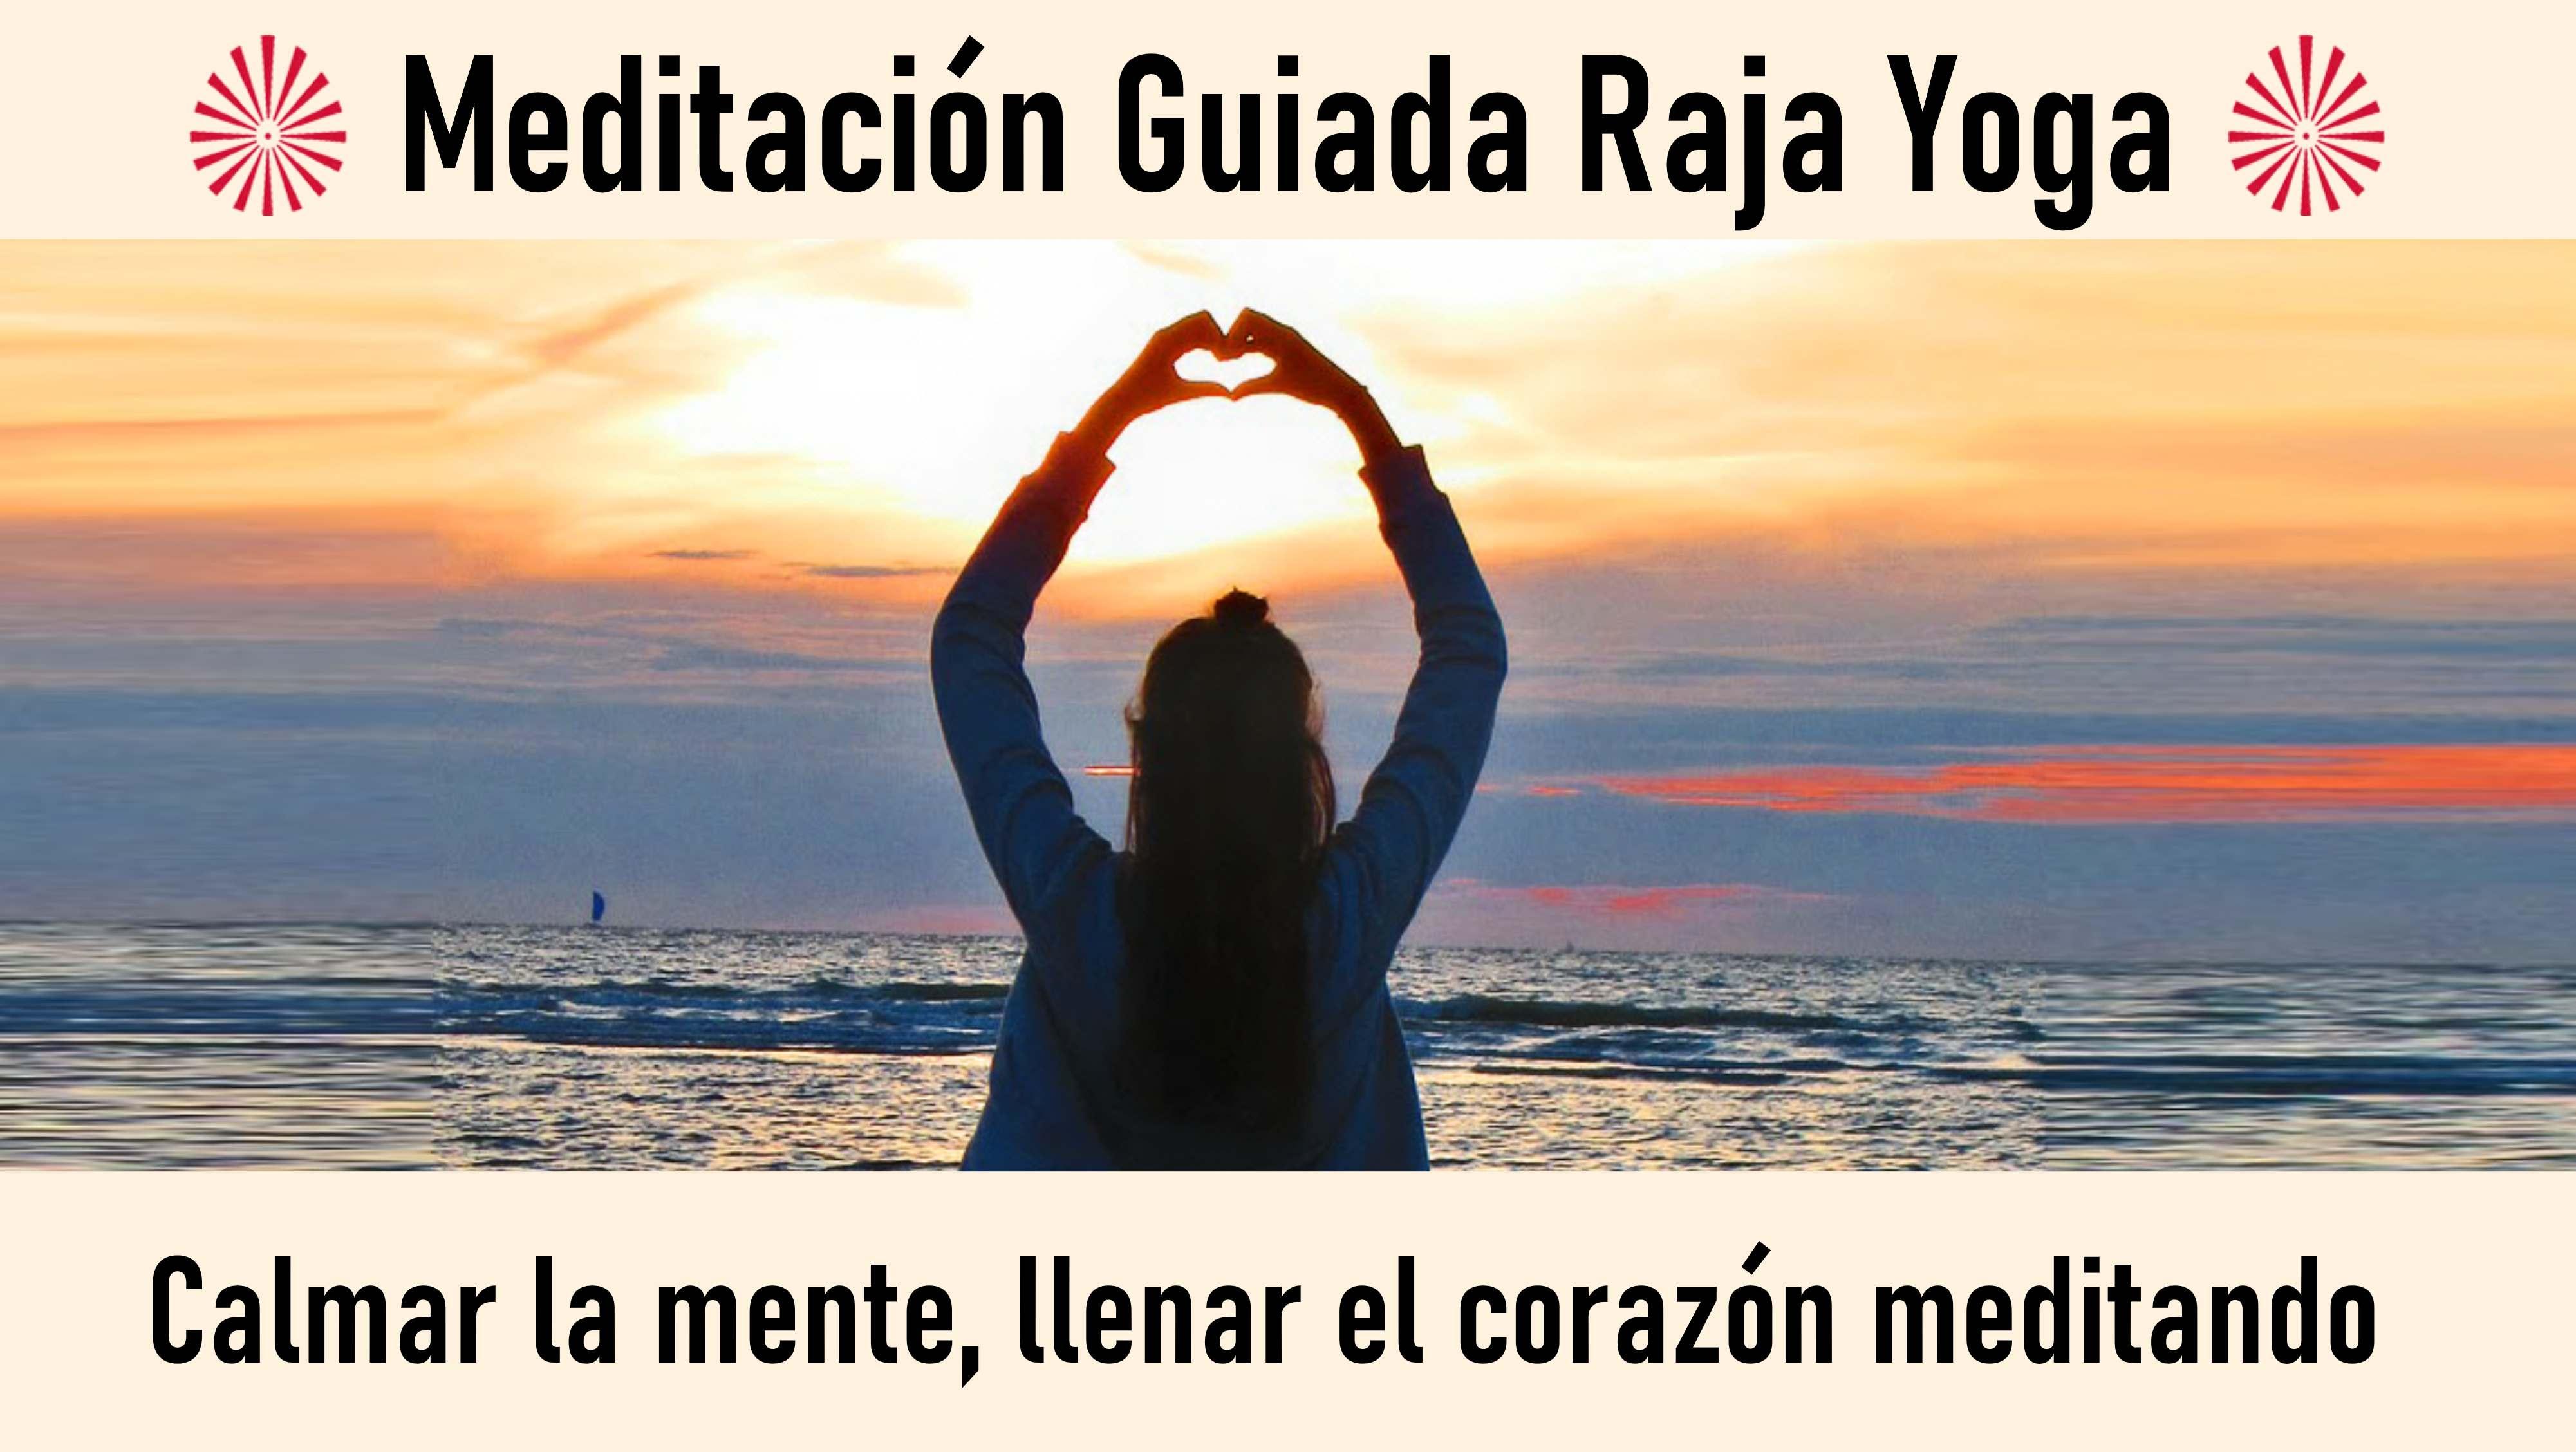 19 Agosto 2020 Meditación guiada: Llenar el corazón meditando